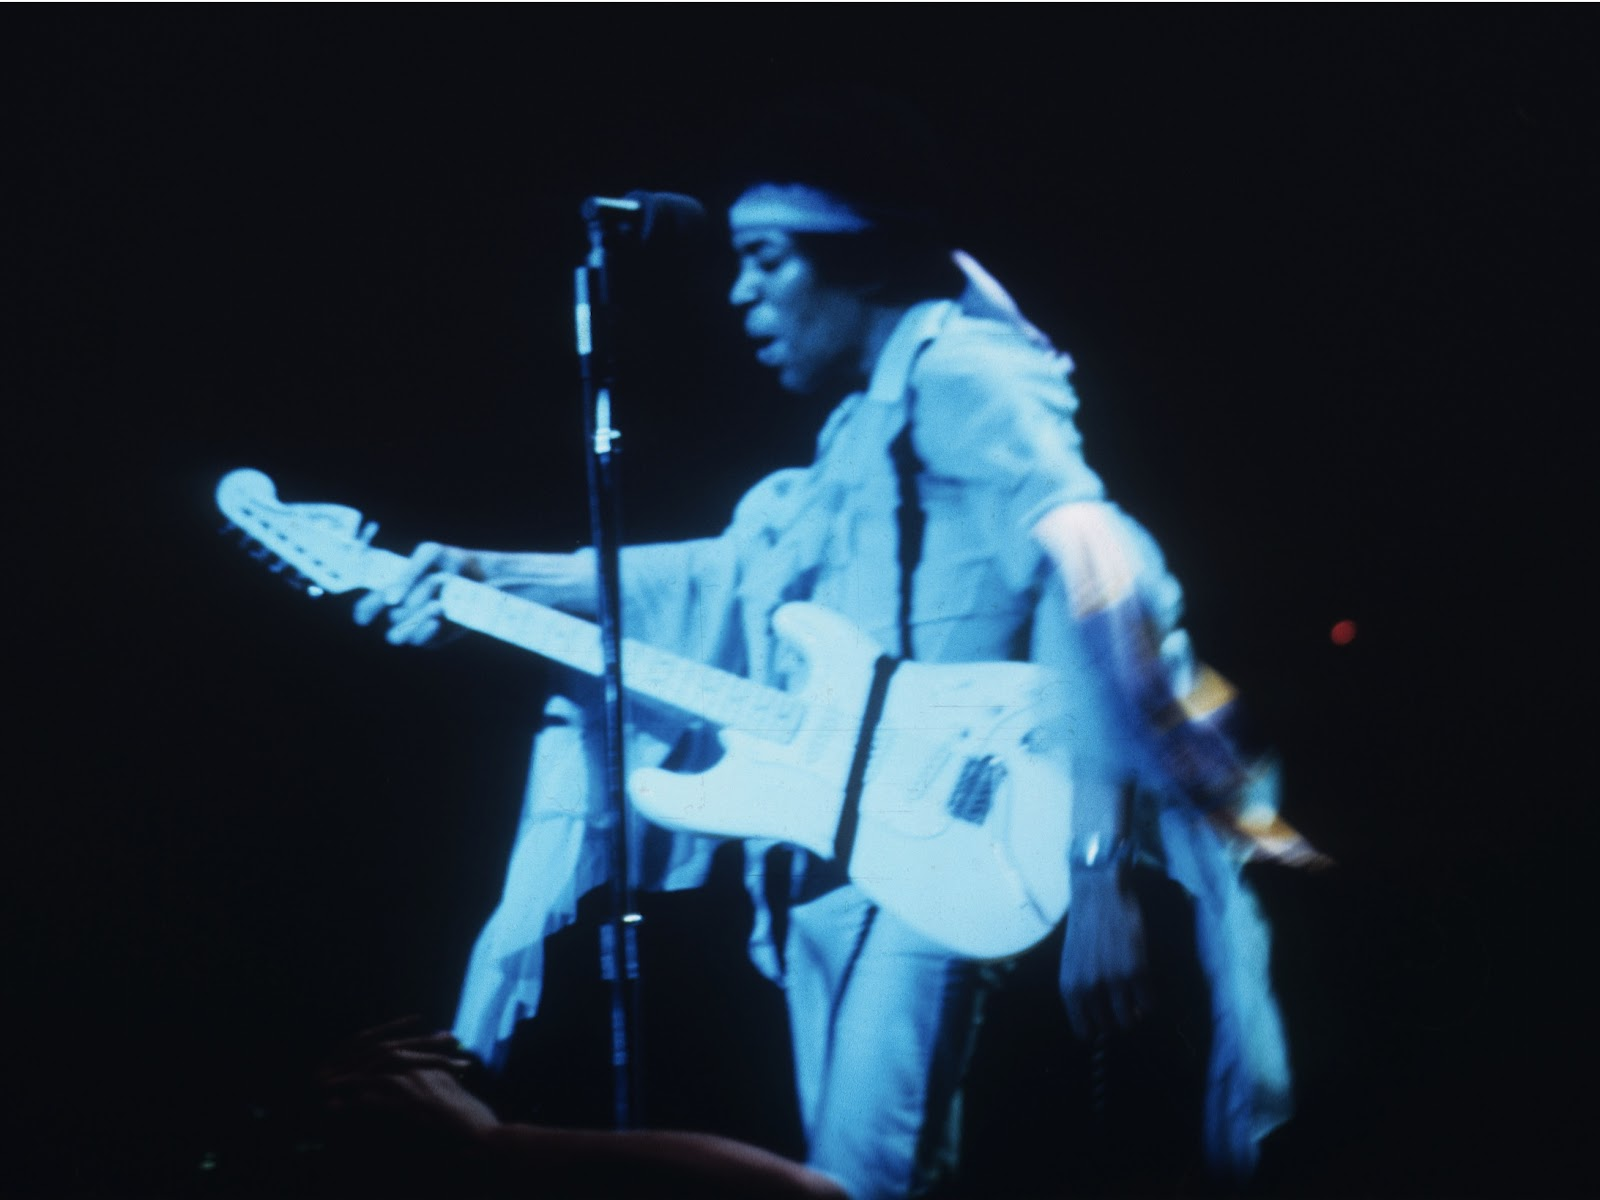 Live At Berkeley (2003) 8a5c84b4293d11d043157f6dafdac9cd